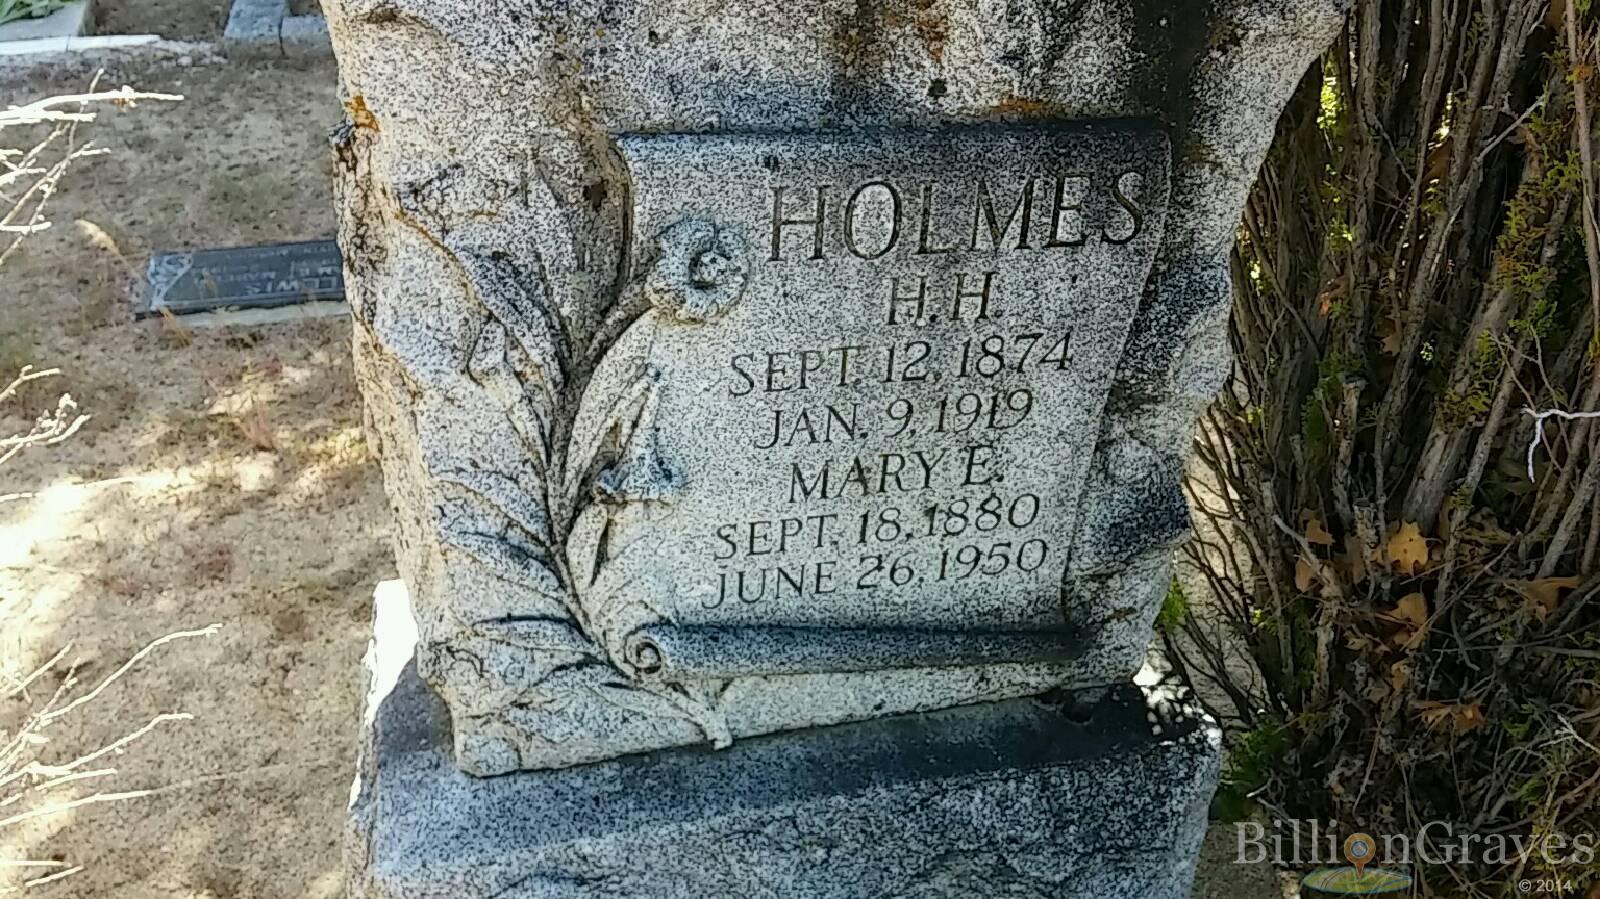 Herman Webster Mudgetts H H Holmes Grave  blogspotcom